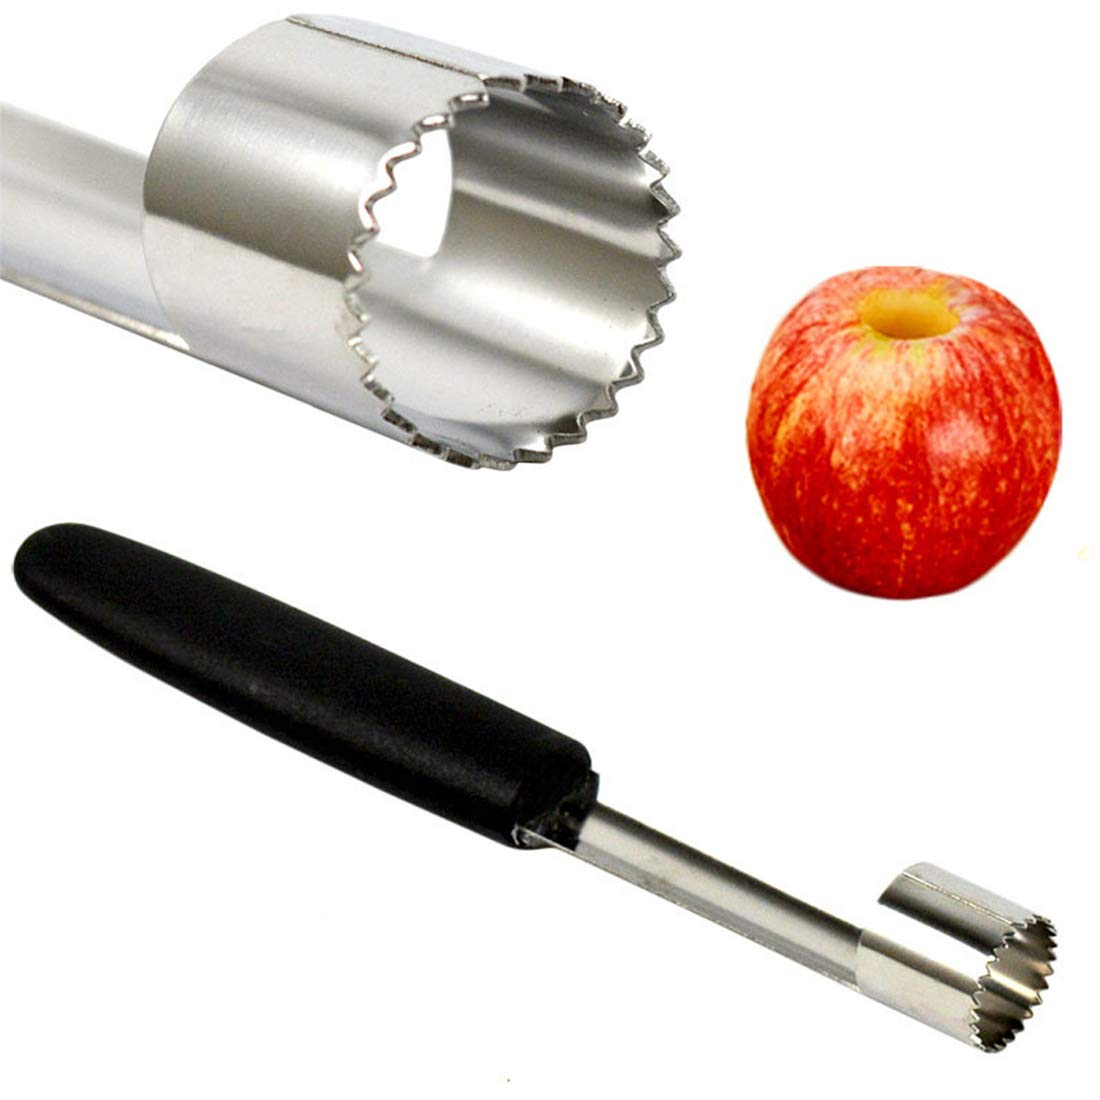 1 Pcs Inoxydable Facile en Acier Twist Fruits Core Graine Remover Apple Corer Semoir Cuisine Gadgets Outils